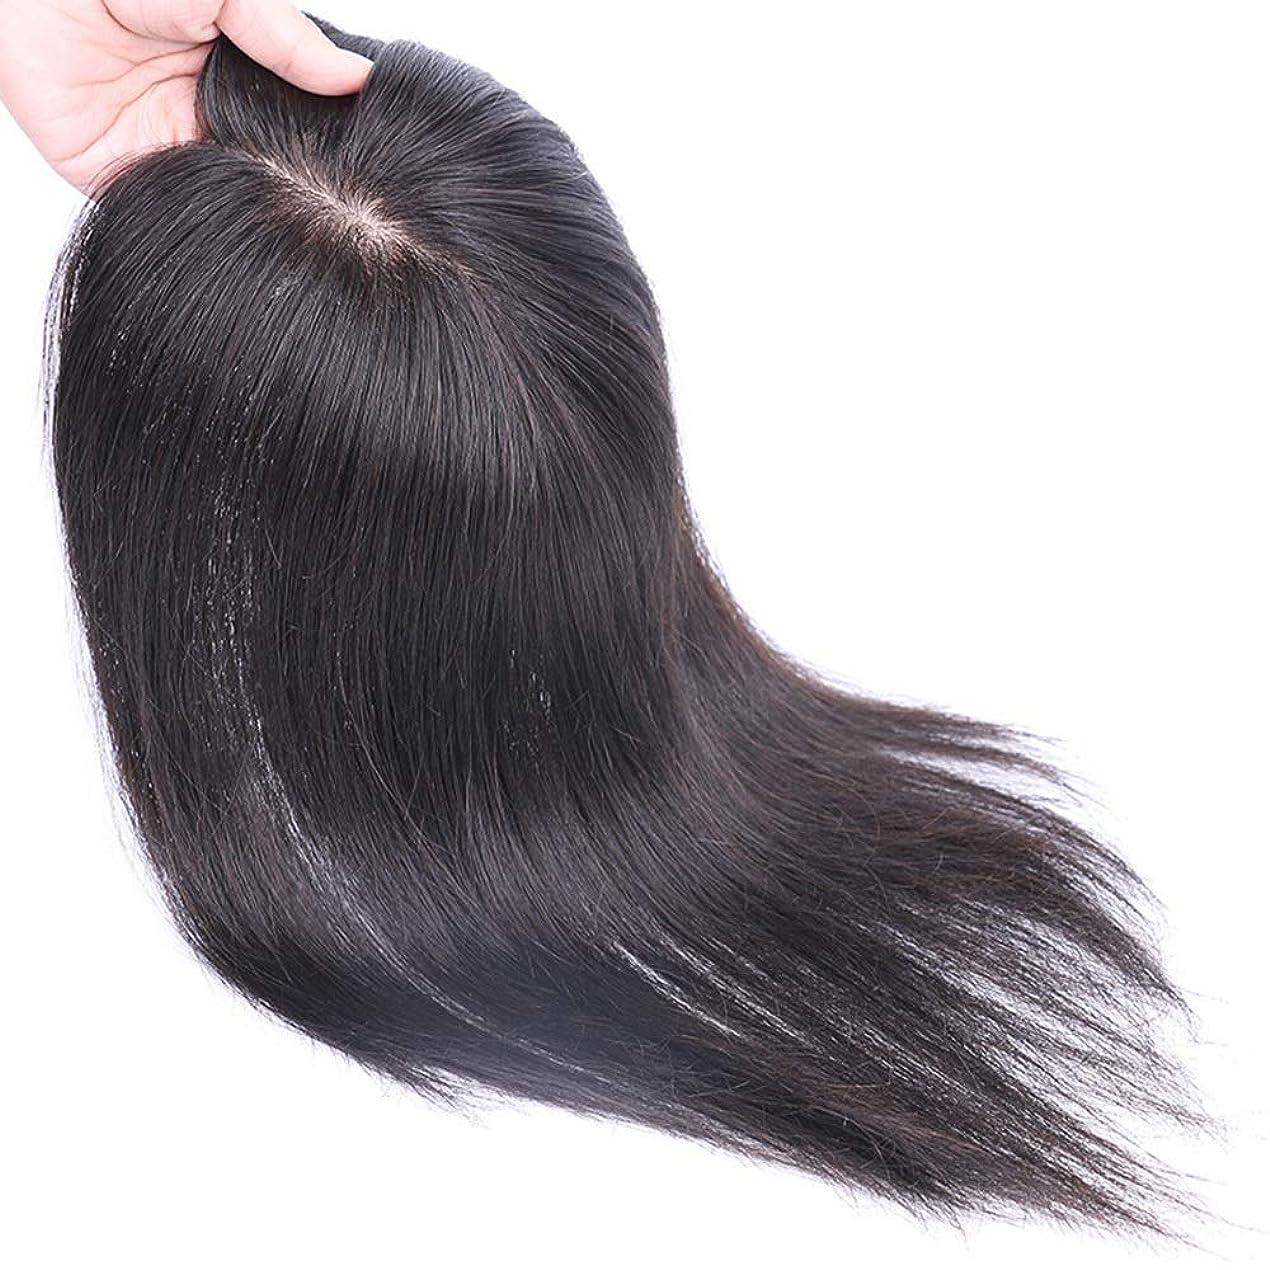 暗くする管理者市町村かつら 本物の髪の多方向スリットウィッグパーティーかつらで女性の長いストレートヘアハンドニードルナチュラルクリップ (色 : [9x14] dark brown 30cm)